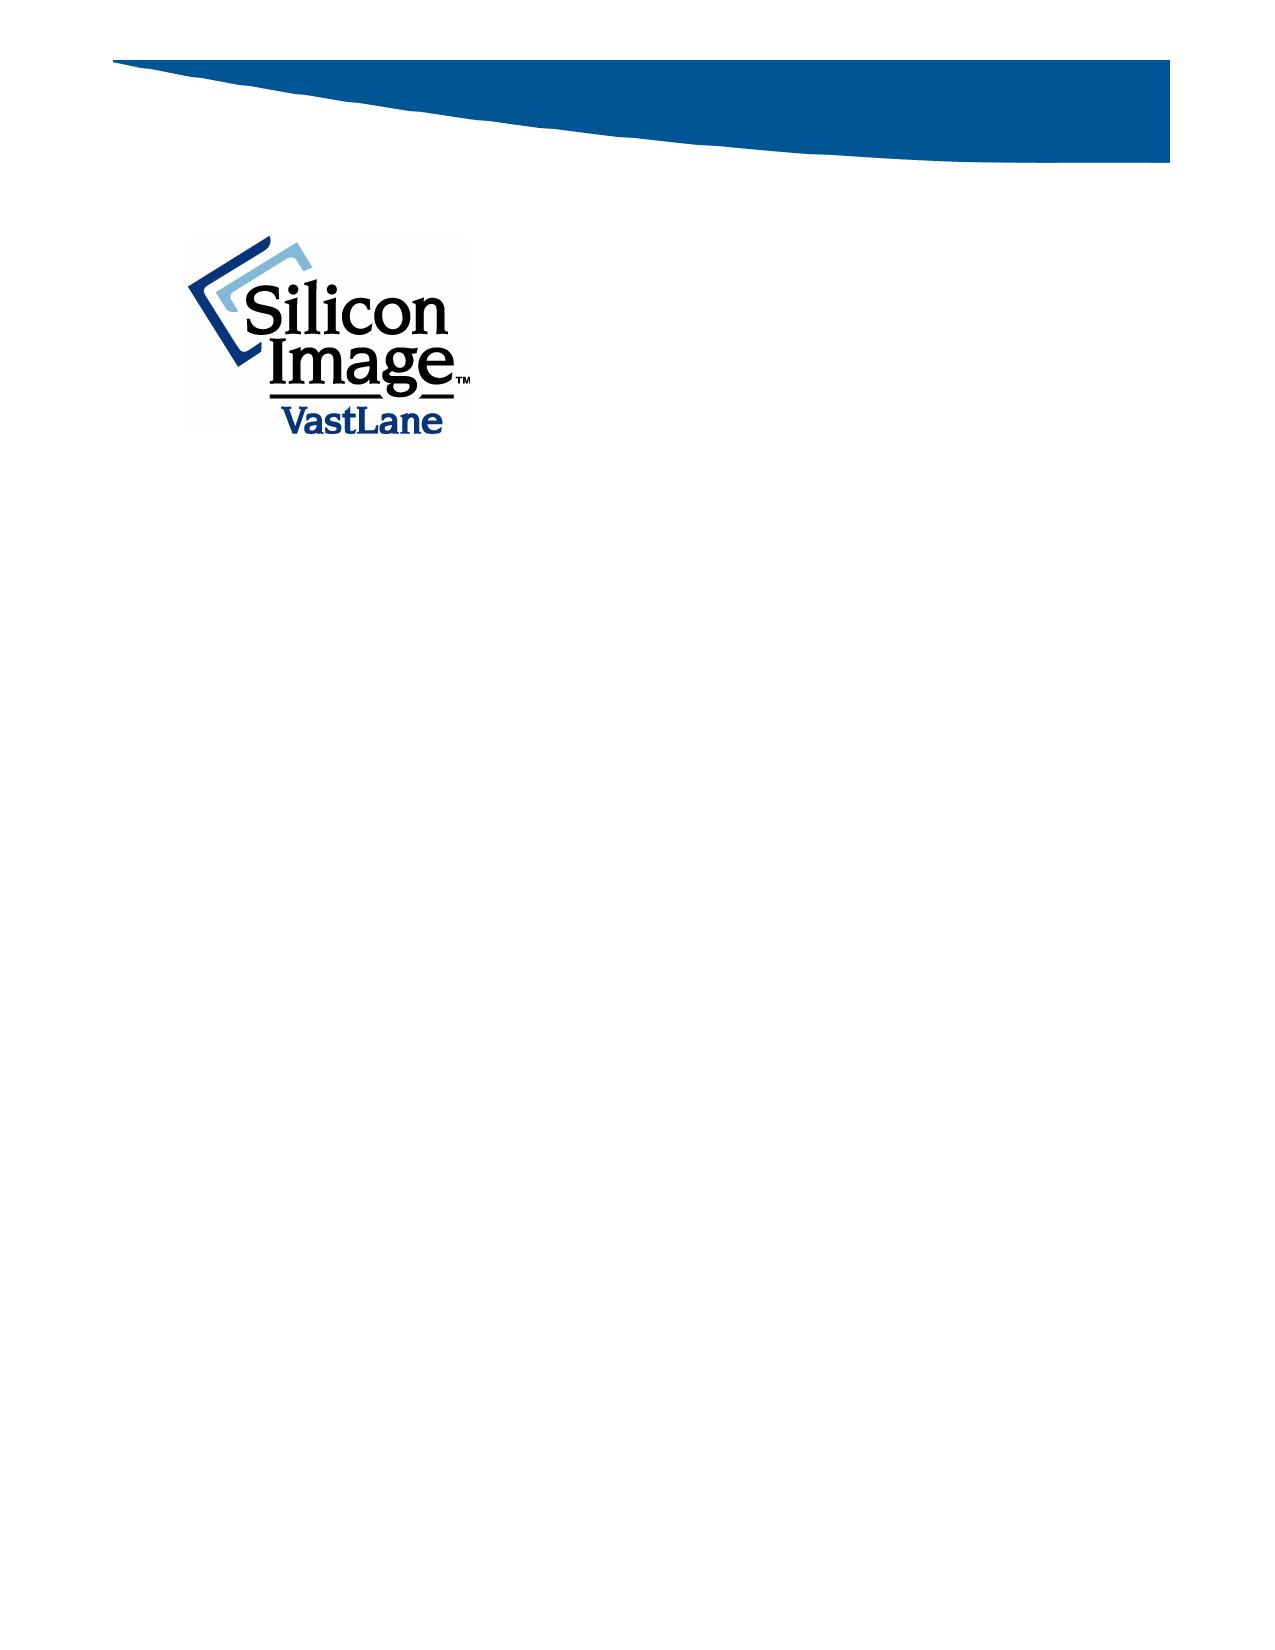 SIL9135 datasheet pinout